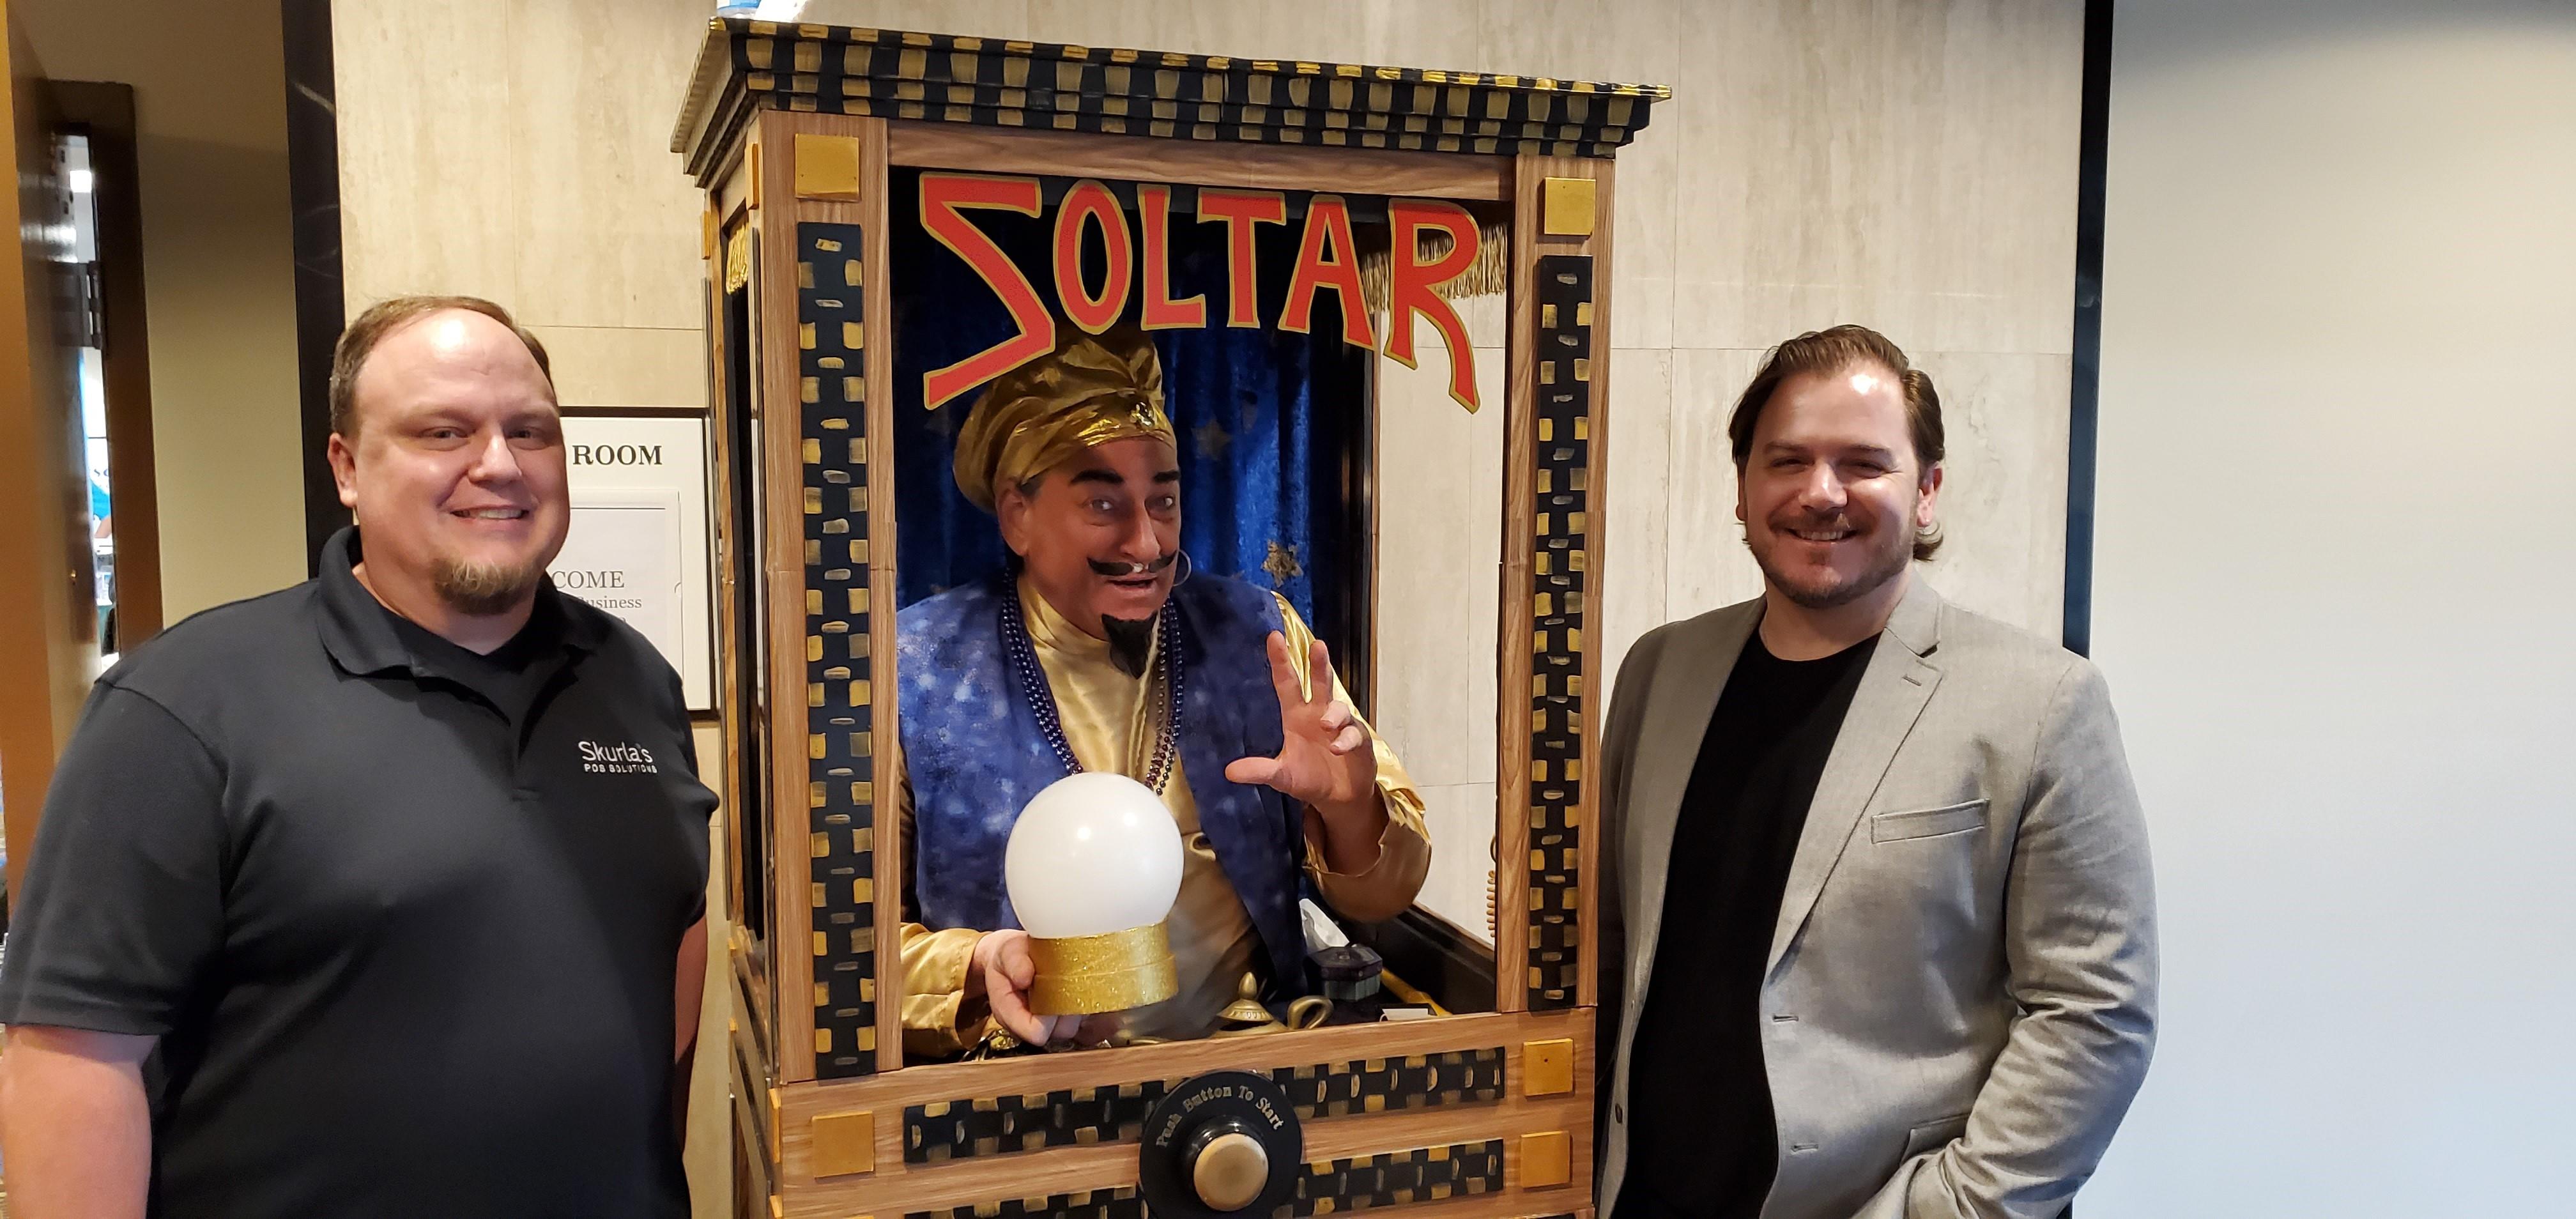 Josh and Thomas with Zoltar